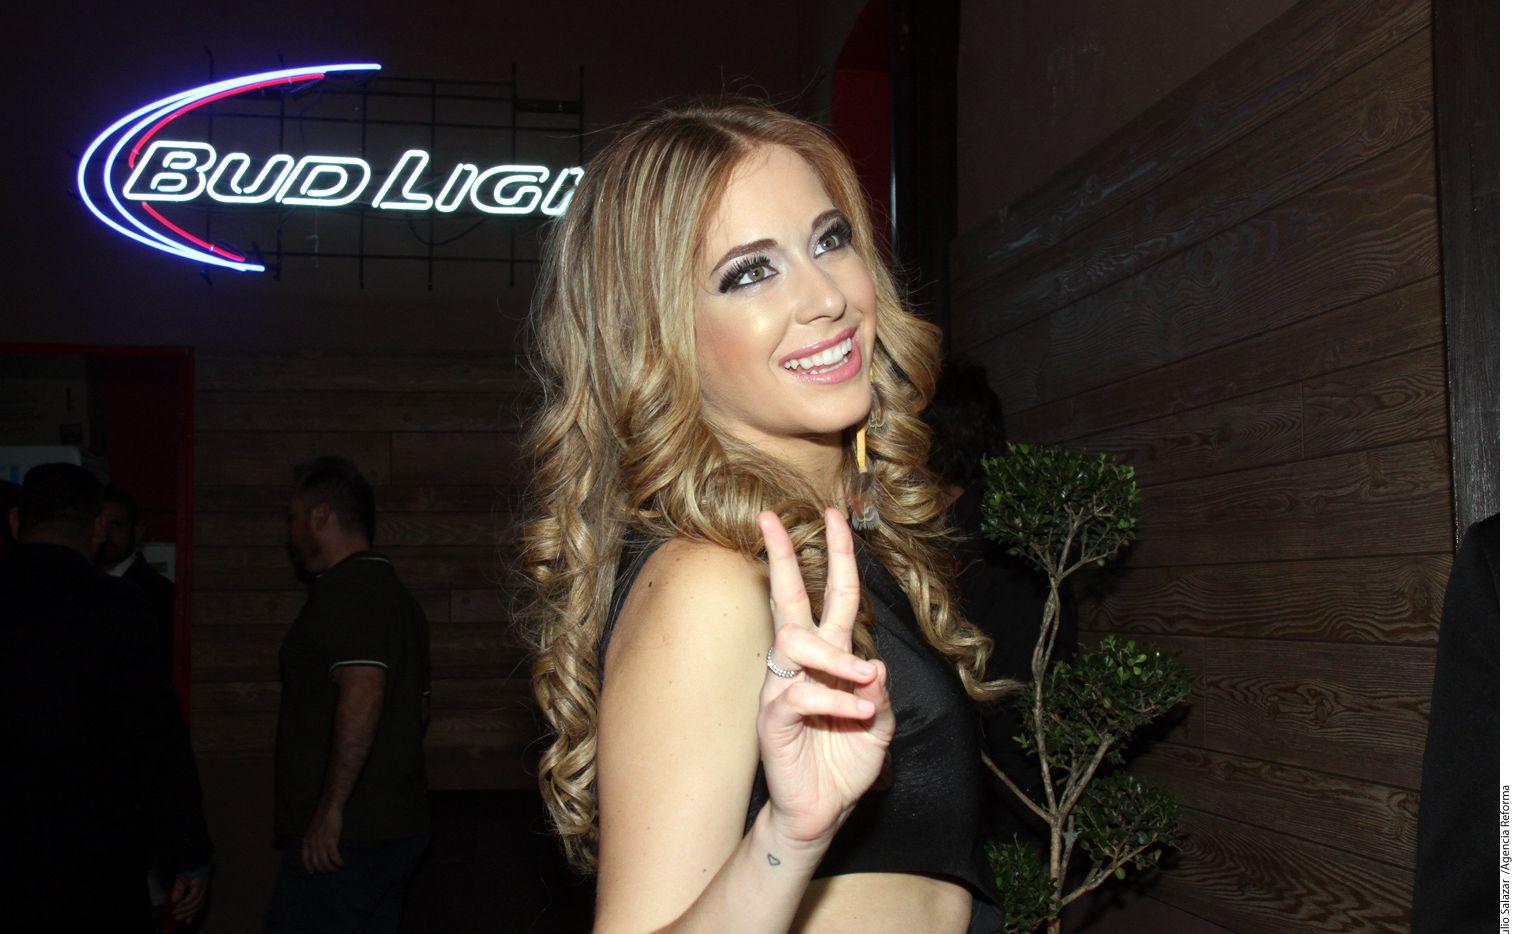 La actriz Carmen Aub decidió revelar fotos por las que la una persona le pedía dinero por no publicar./AGENCIA REFORMA